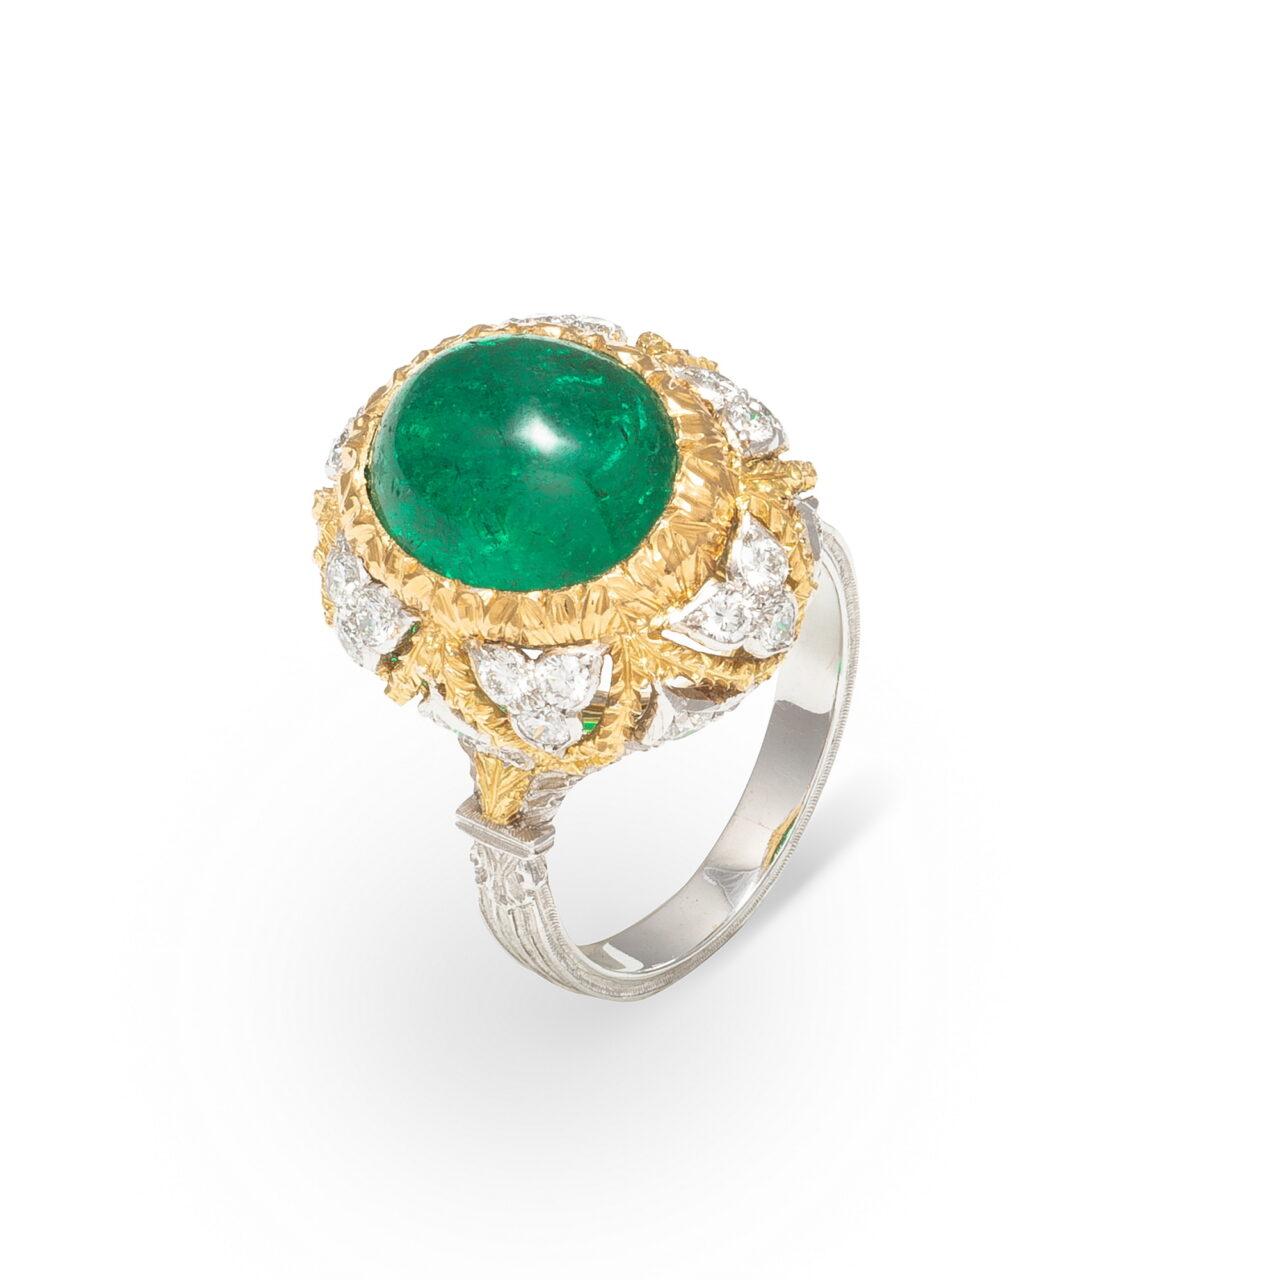 Anello di Buccellati in oro bianco e giallo 18k con Smeraldo e Diamanti